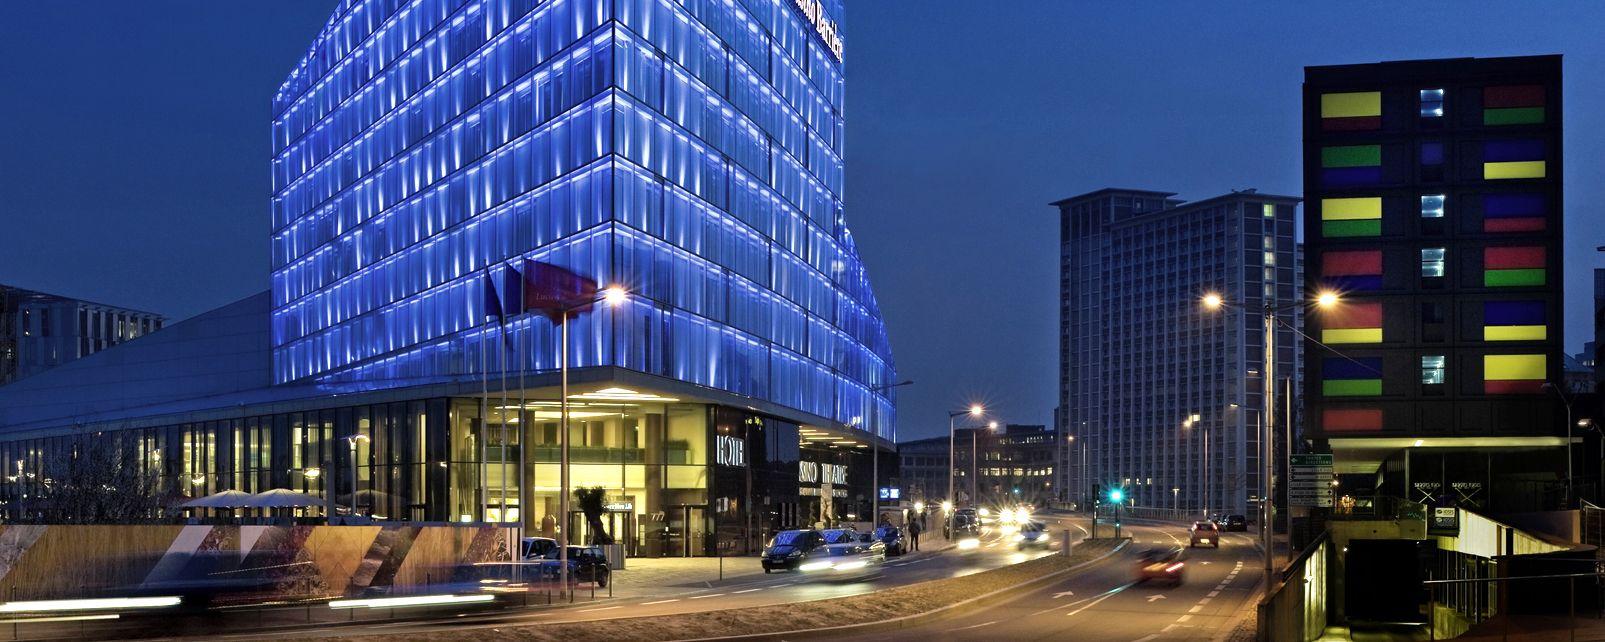 Hôtel Hôtel Barrière Lille